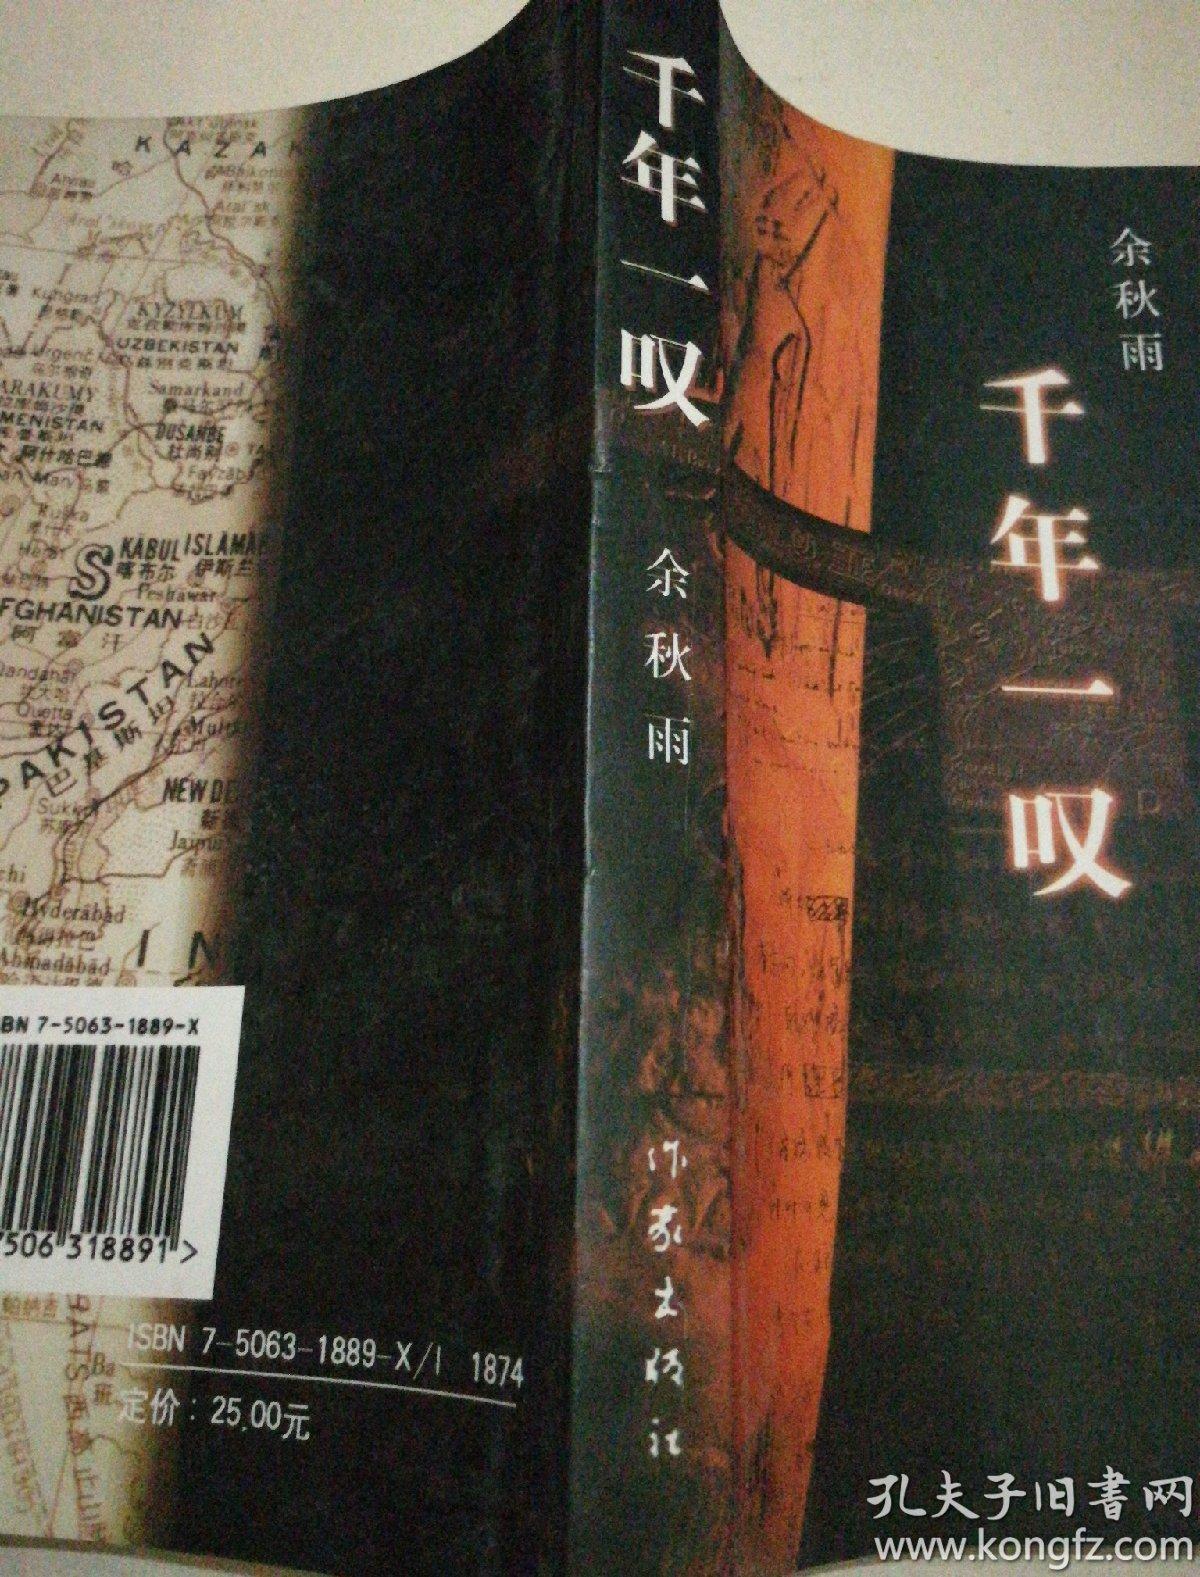 《千年一嘆》_余秋雨_孔夫子舊書網圖片